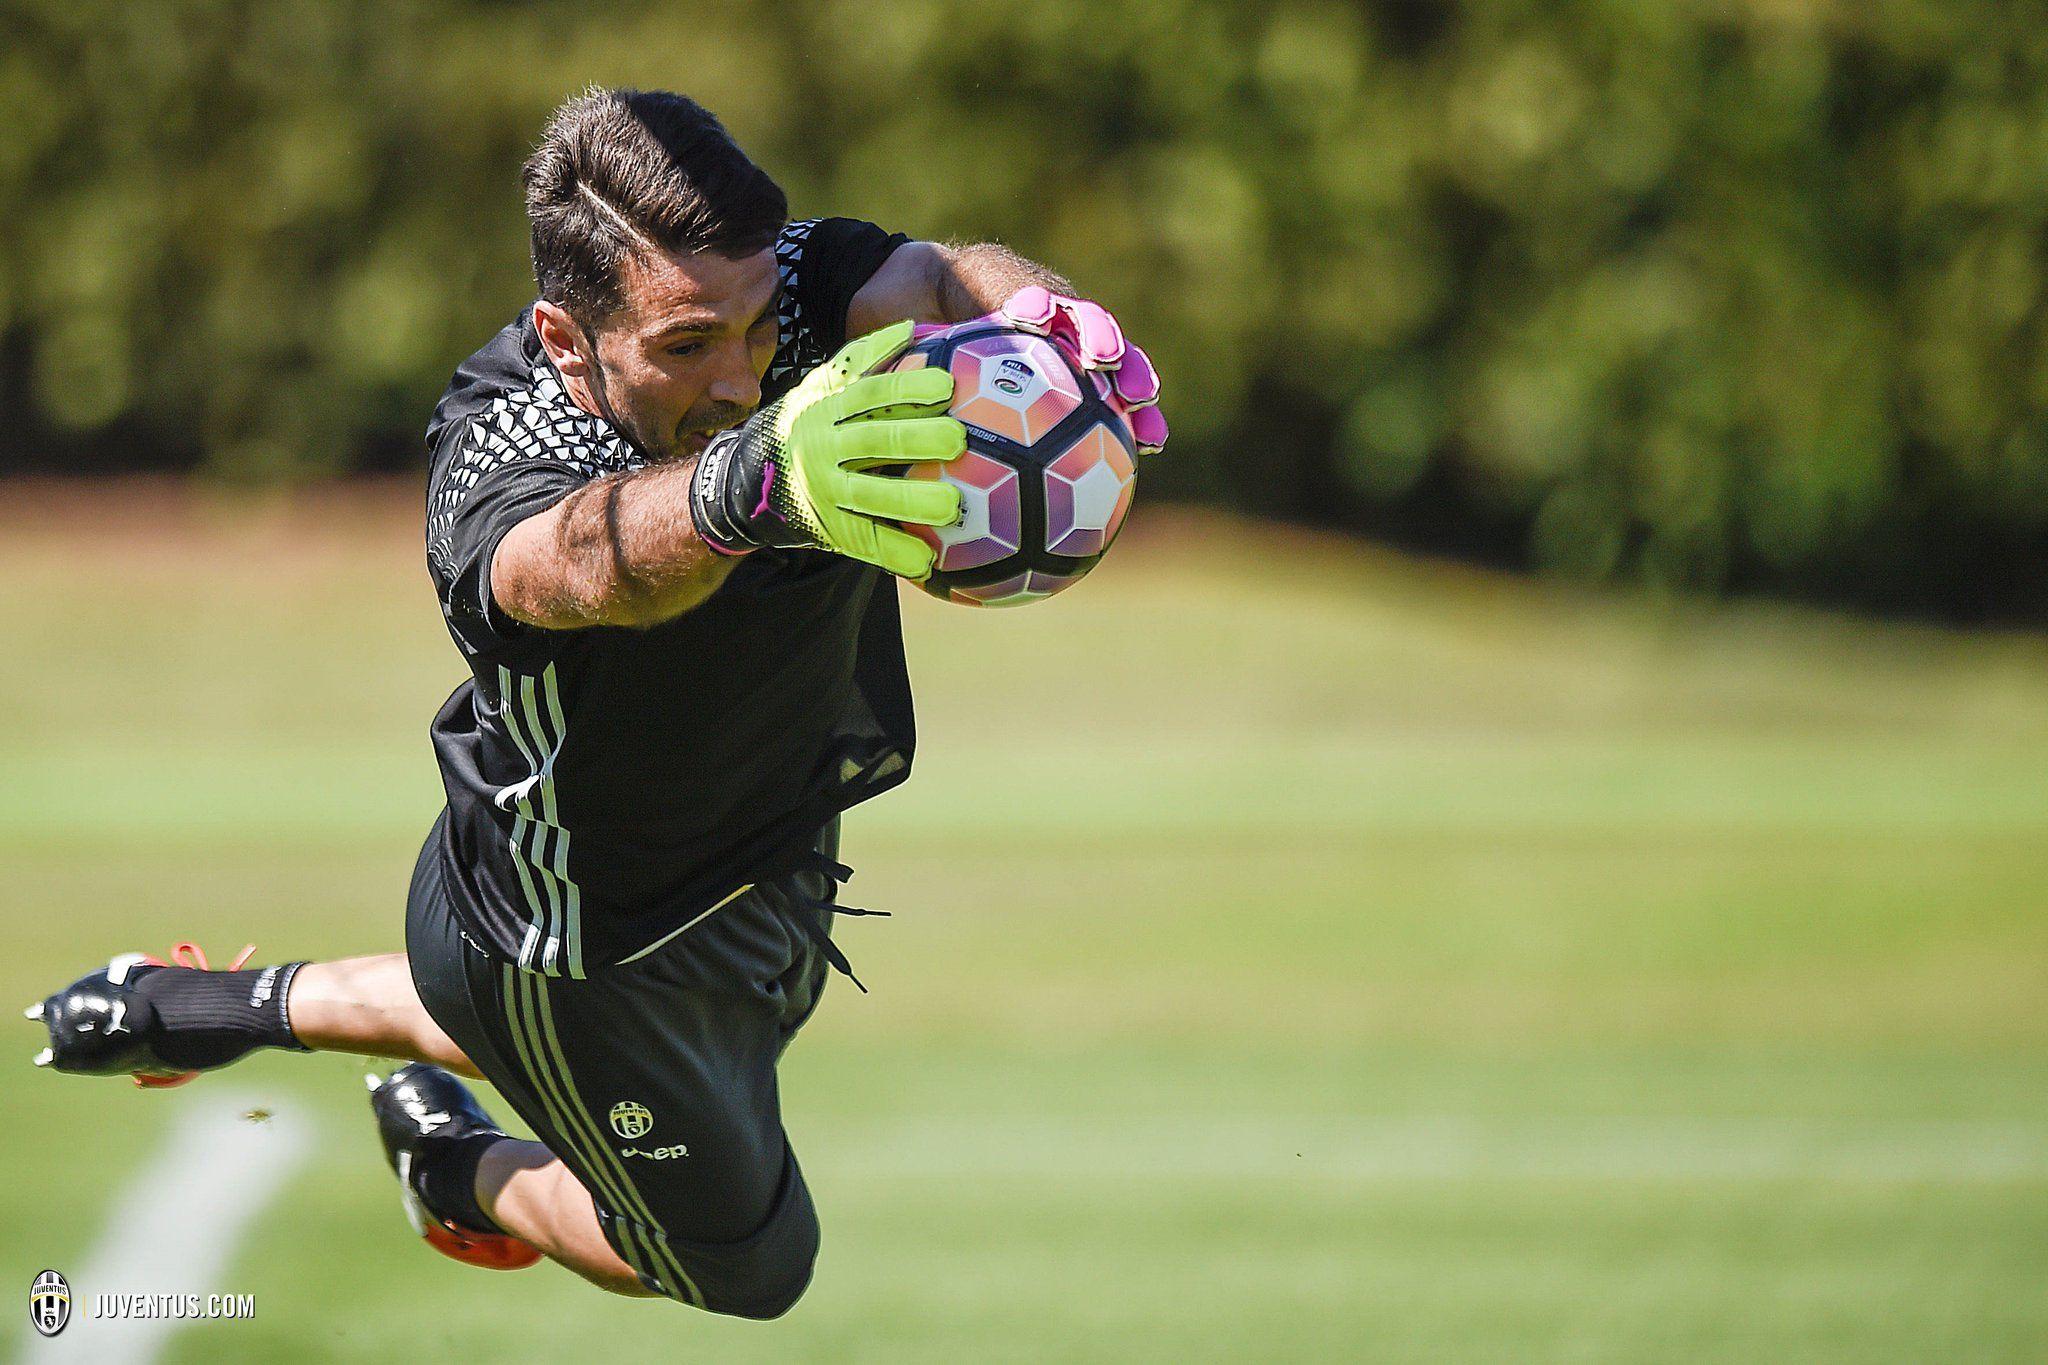 """JuventusFC on Twitter: """".@Fedej10 il capitano è sempre il capitano! ⚪⚫✌️ https://t.co/DkP9AZnXjJ"""""""